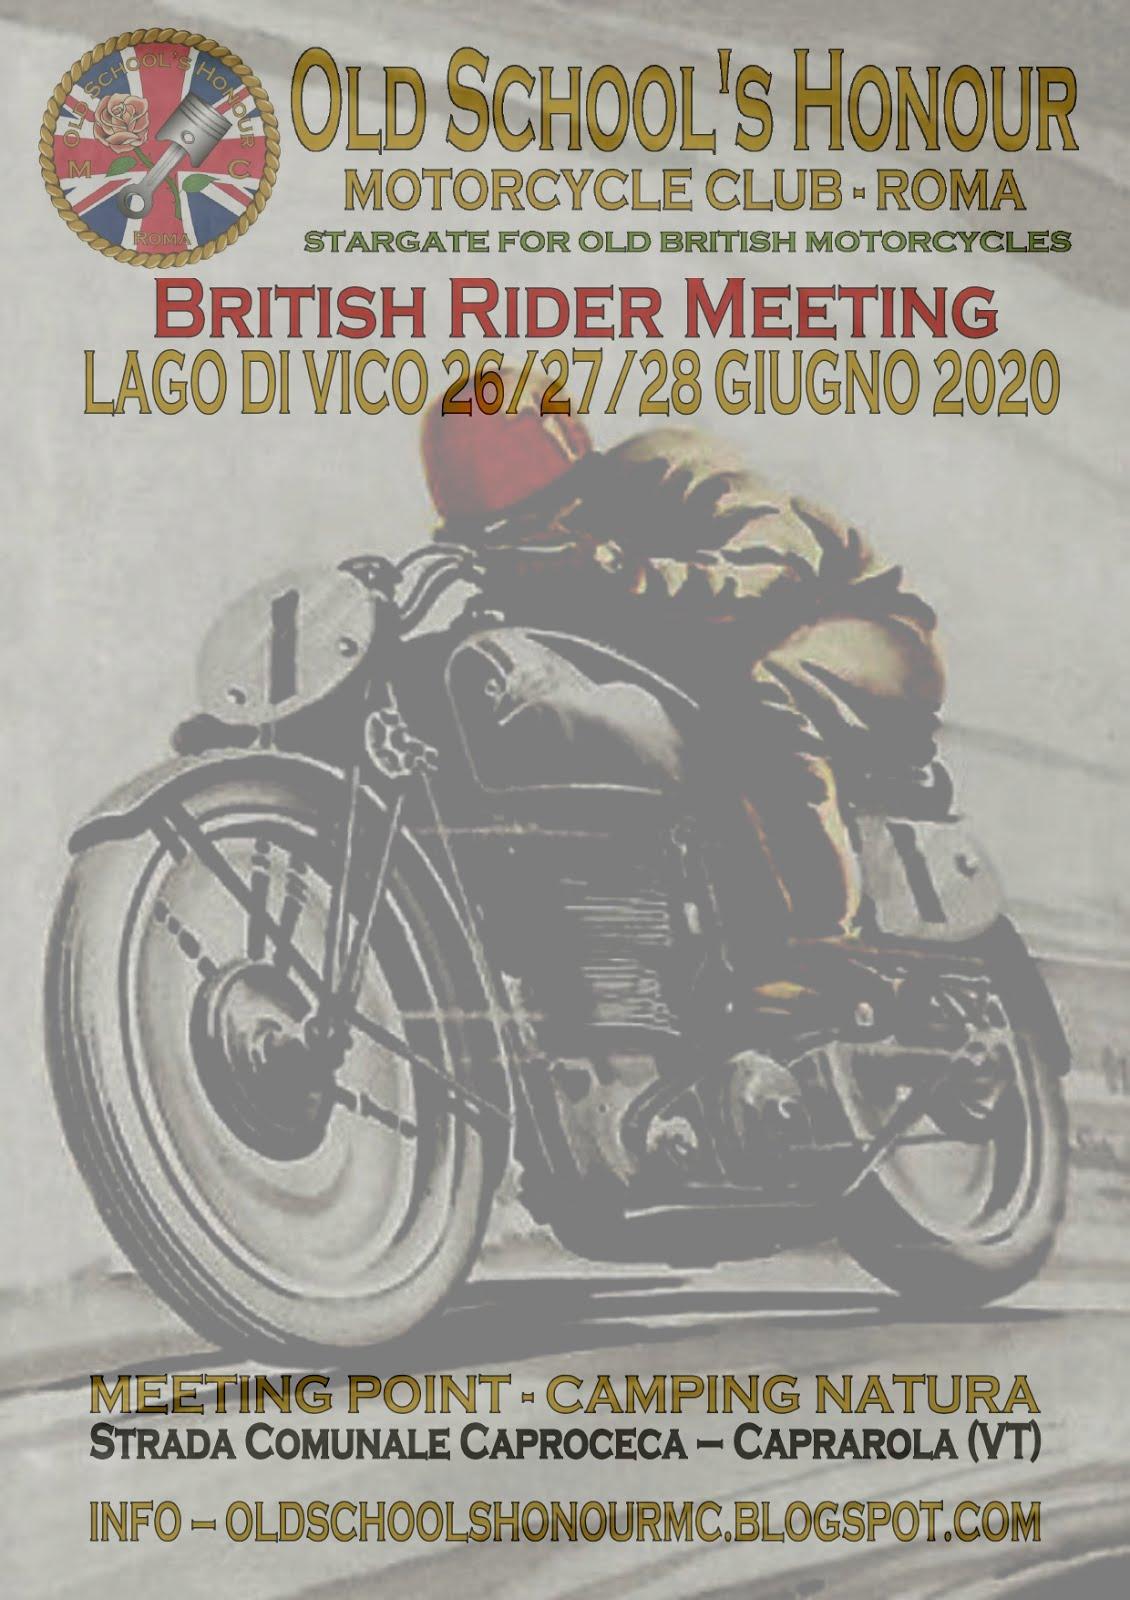 British Rider Meeting 2020 INFO